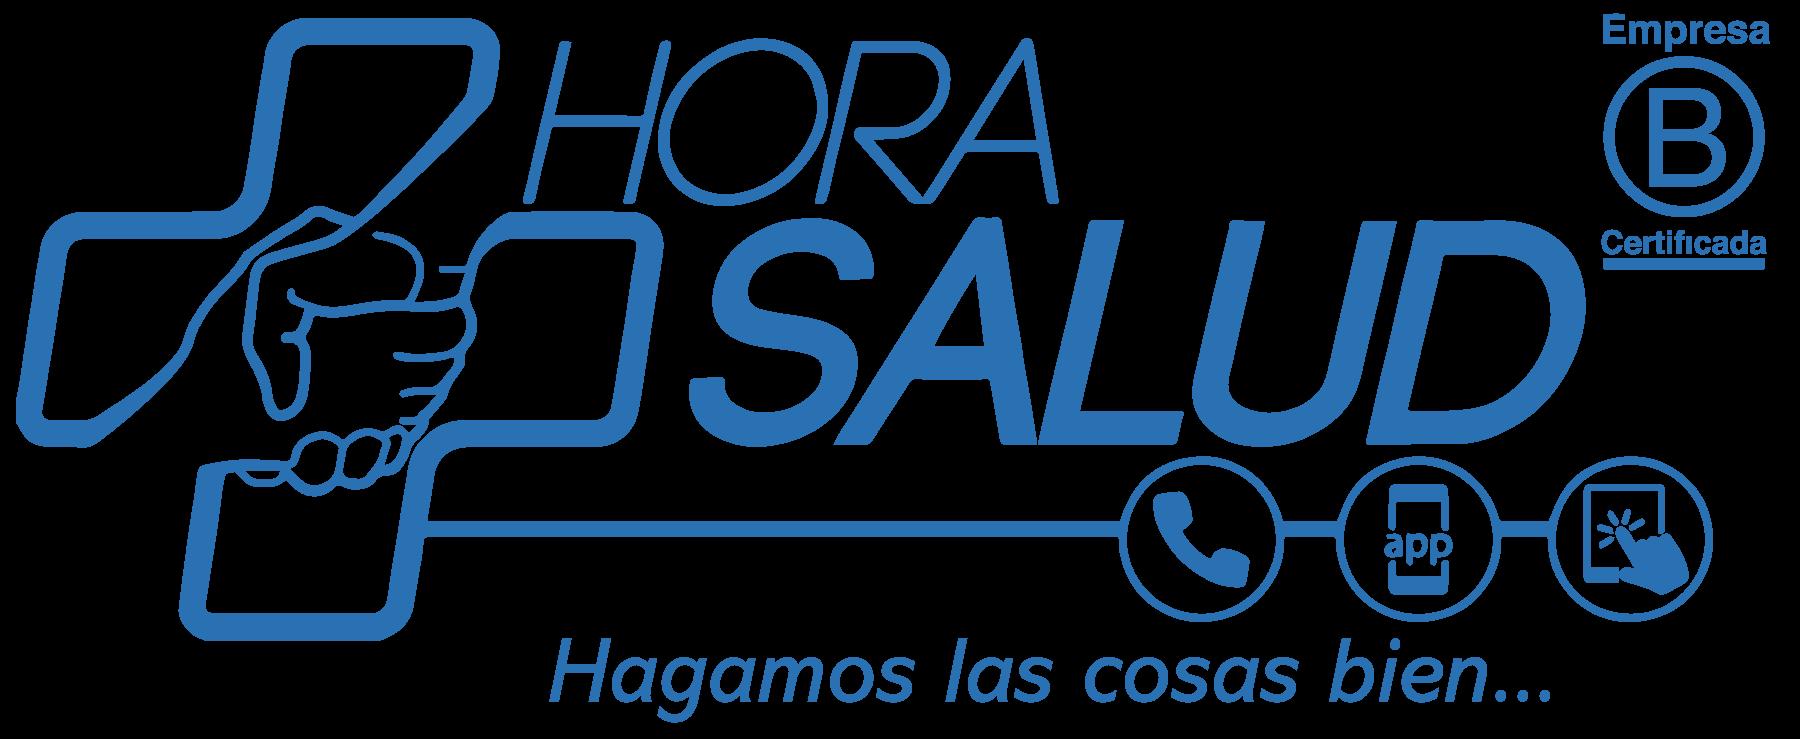 Empresas Desafio10x: HoraSalud